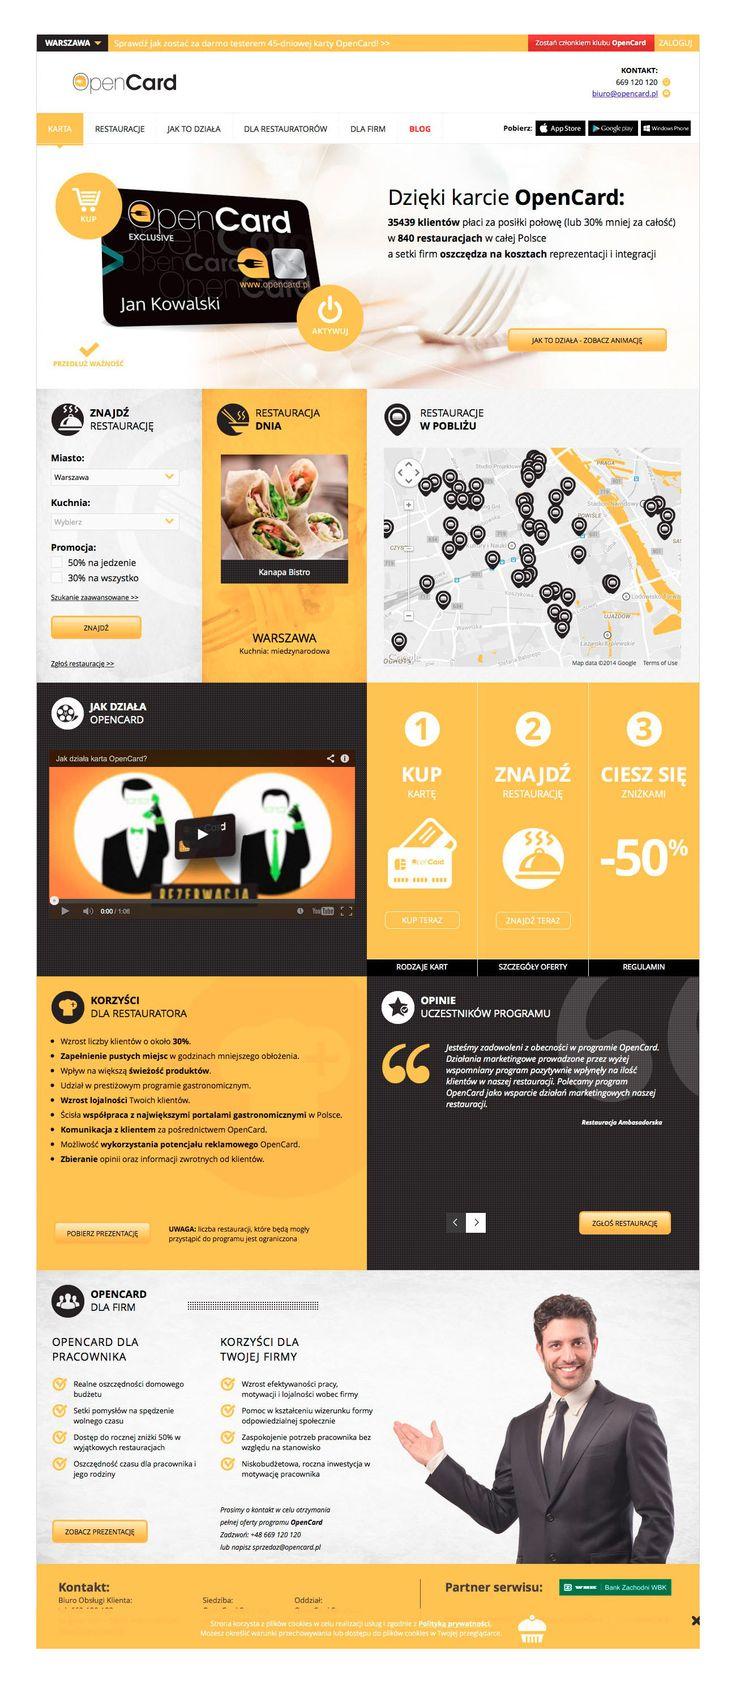 OpenCard to szybko rozwijający się program typu Diners Club. Dla marki przygotowaliśmy strategię komunikacji oraz opracowaliśmy nową odsłonę serwisu